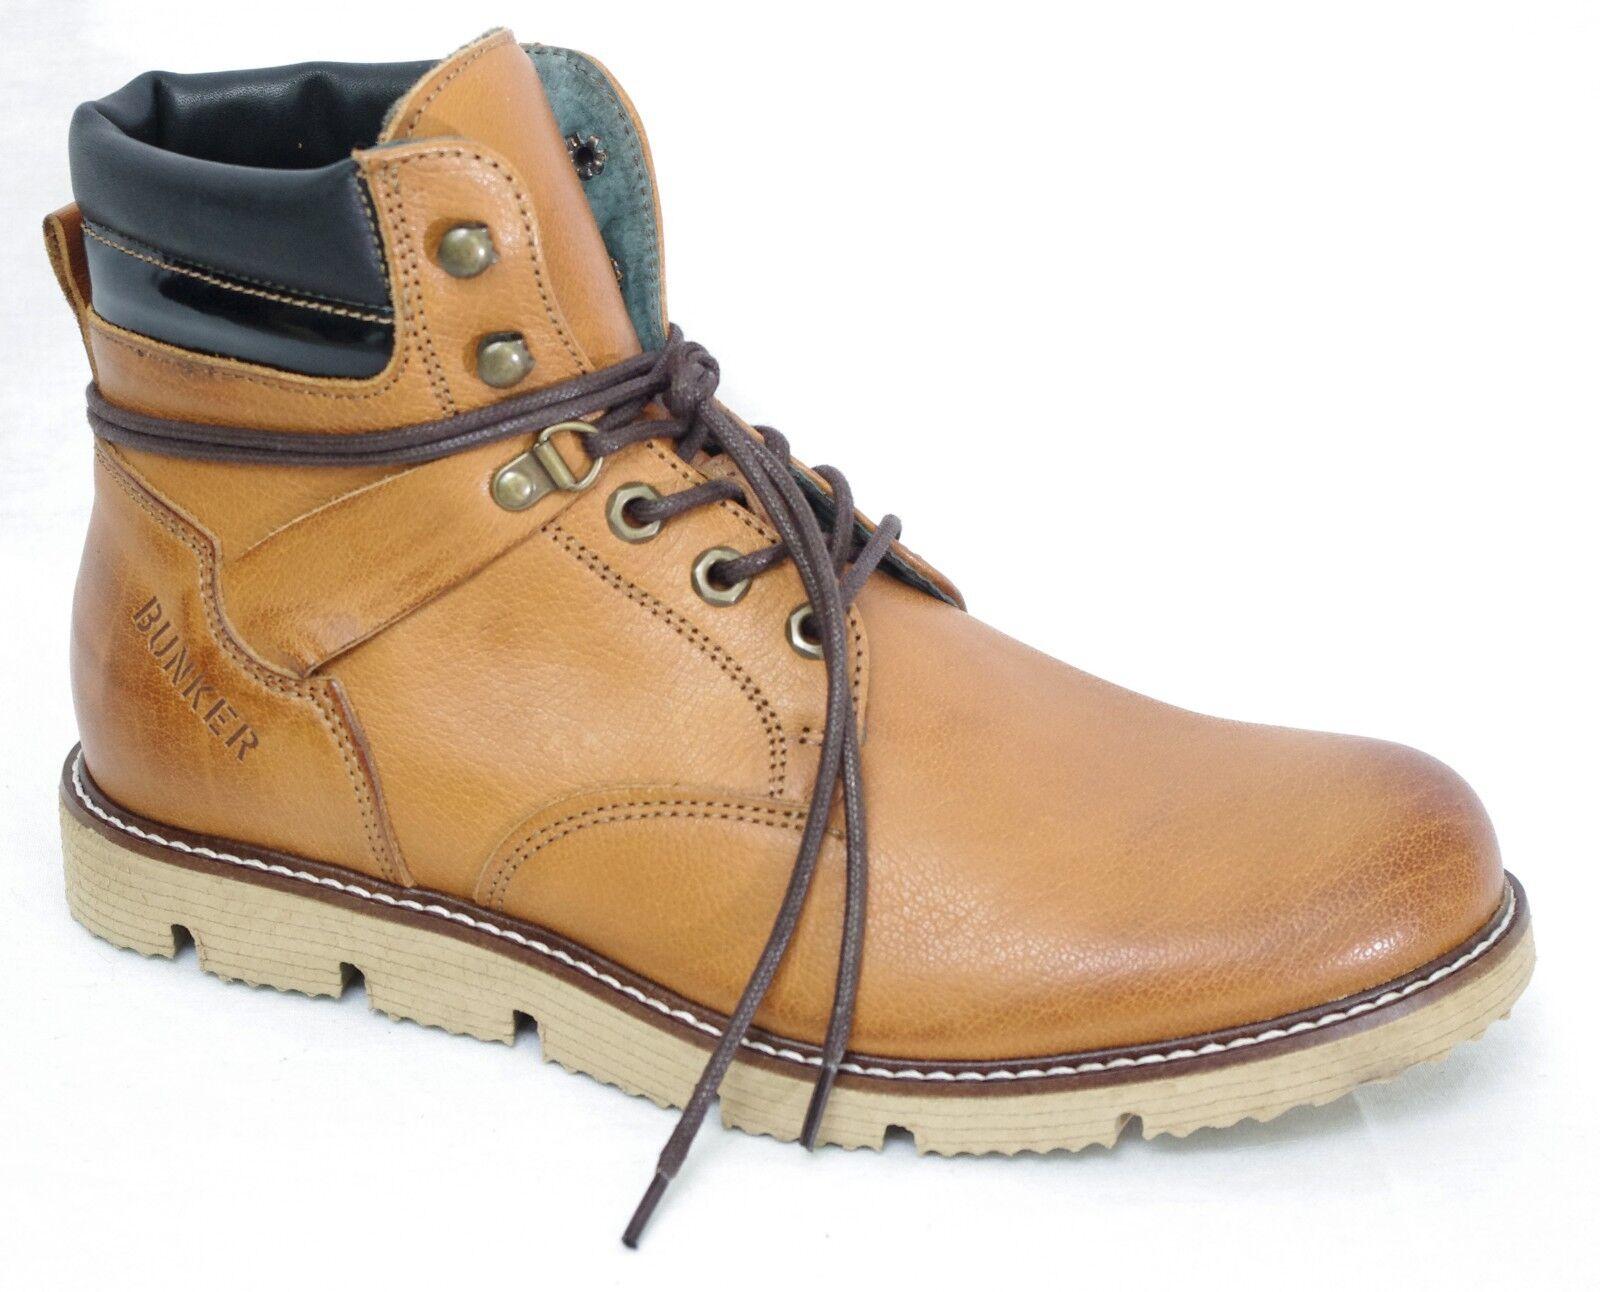 cdfa7fd702 BUNKER B982 TR7 chaussures Boots cuir marron homme Hyper légeres   eBay